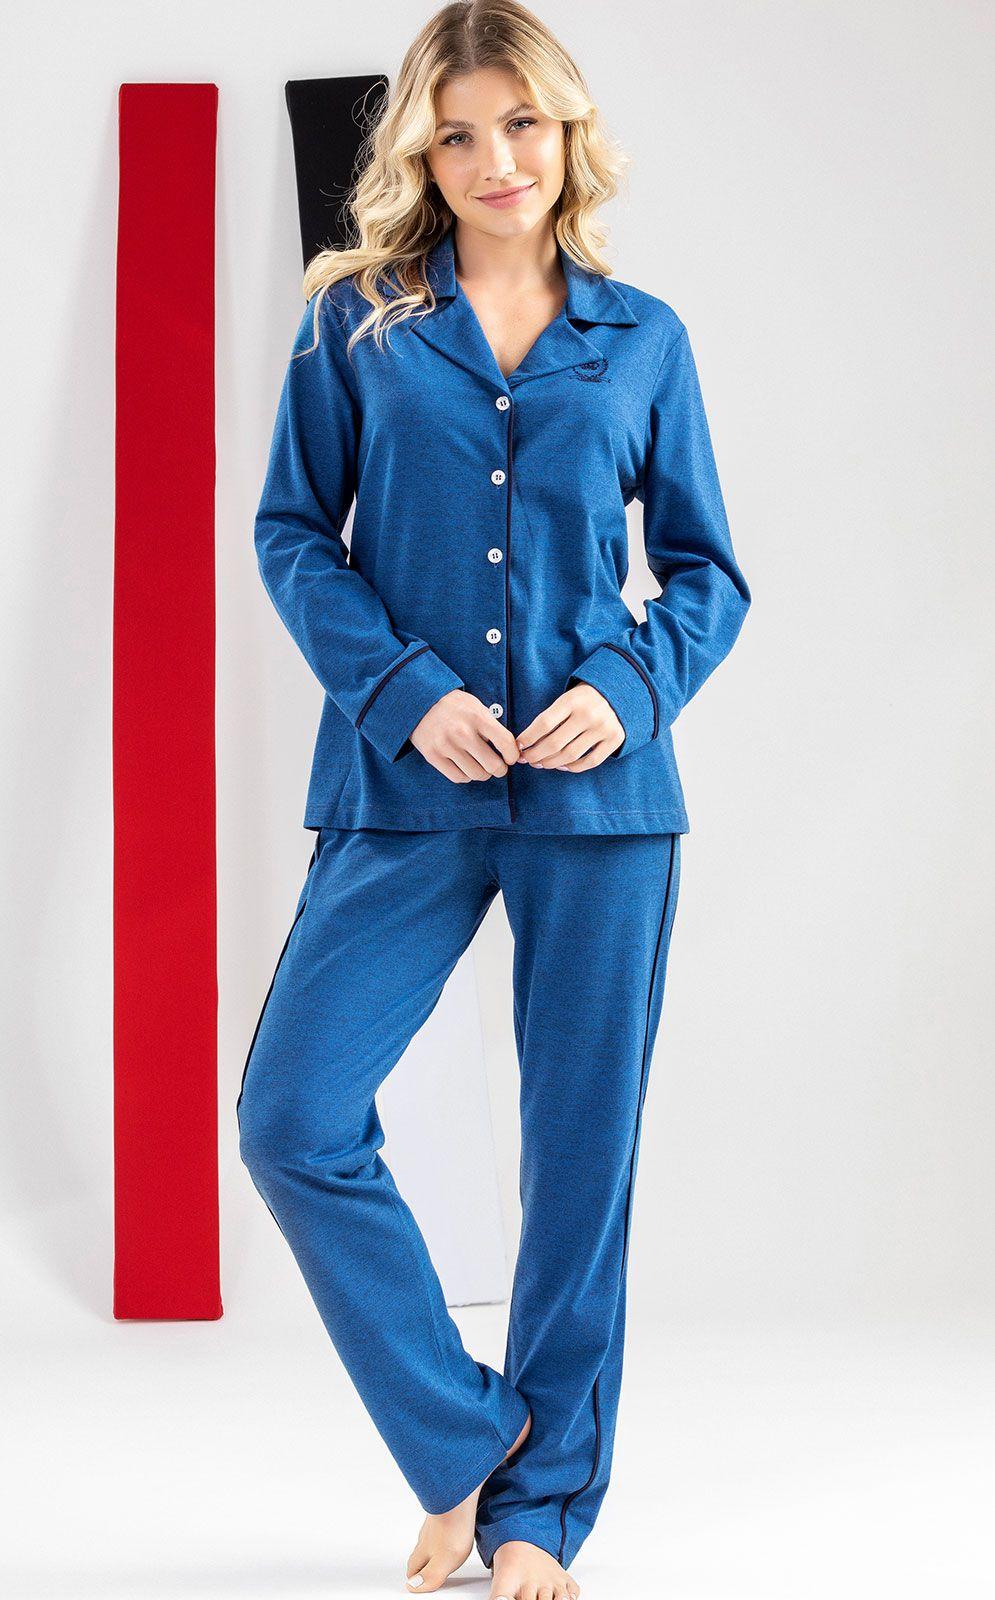 Pijama Feminino Mixte Manga Longa Aberto com Calça em Algodão 9640